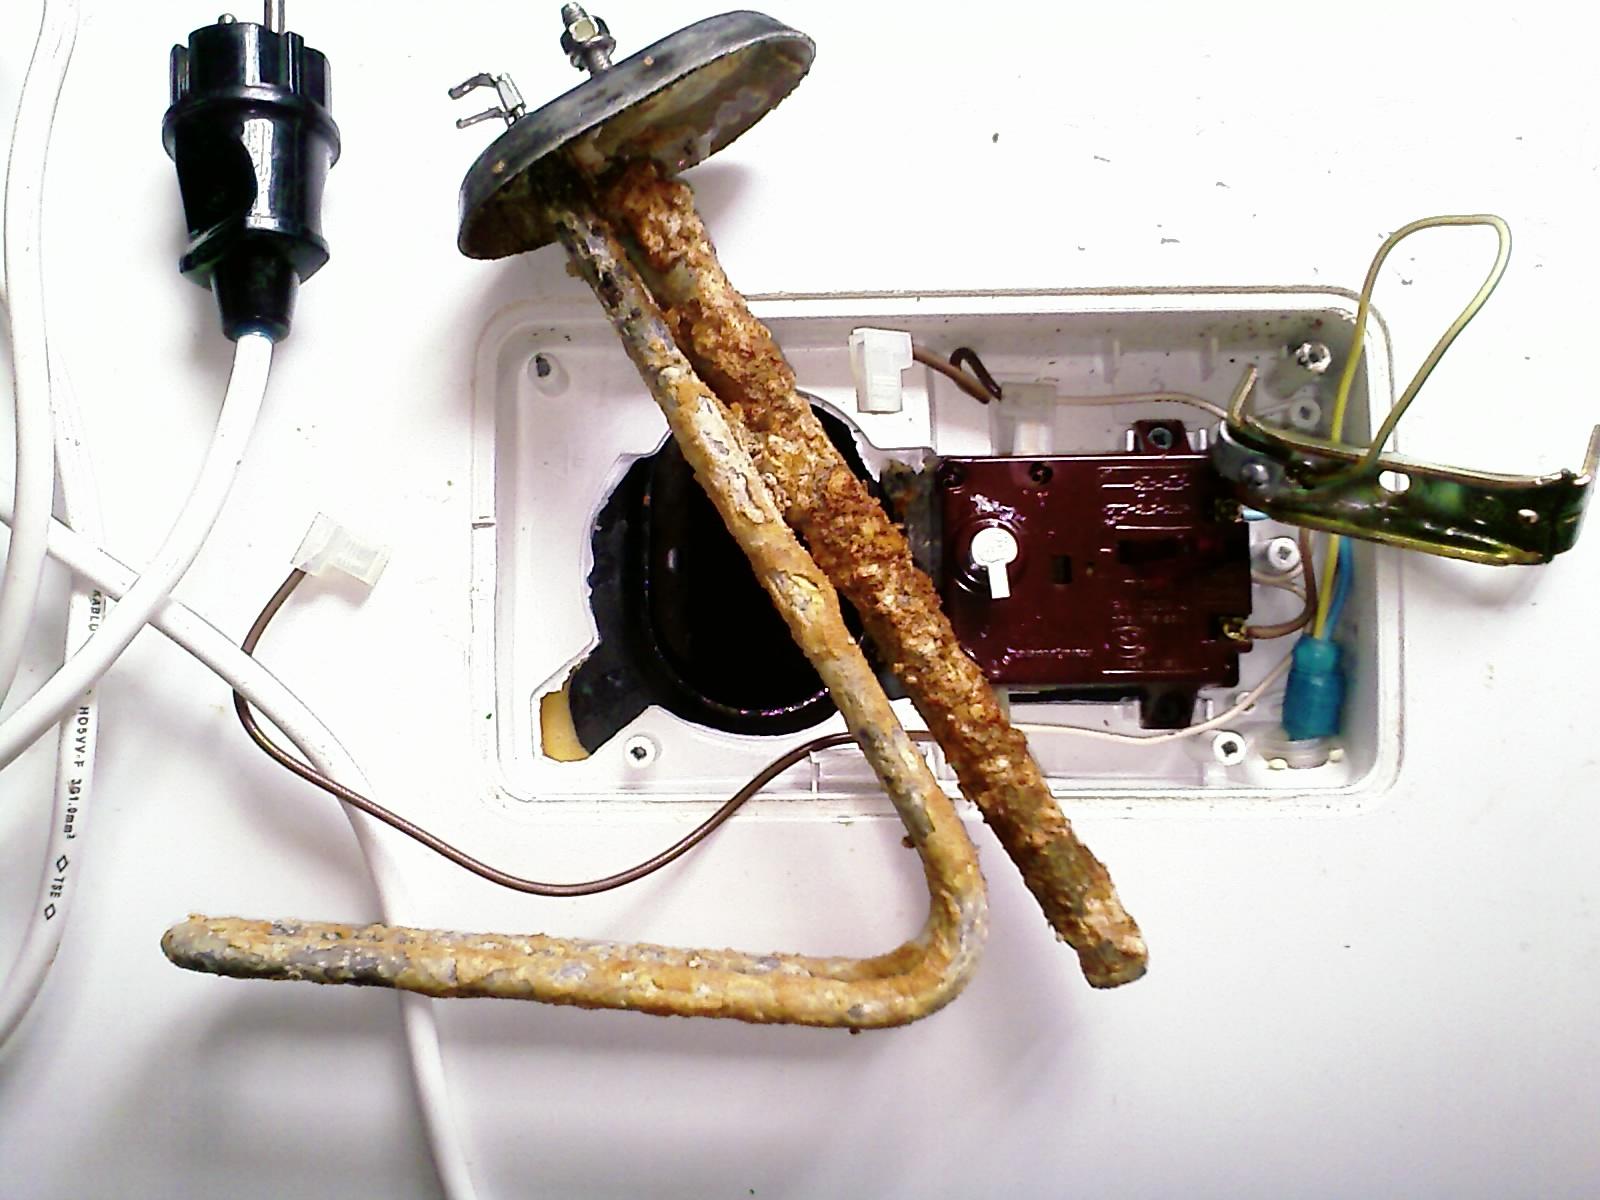 водонагреватель термекс схема поделючения вода